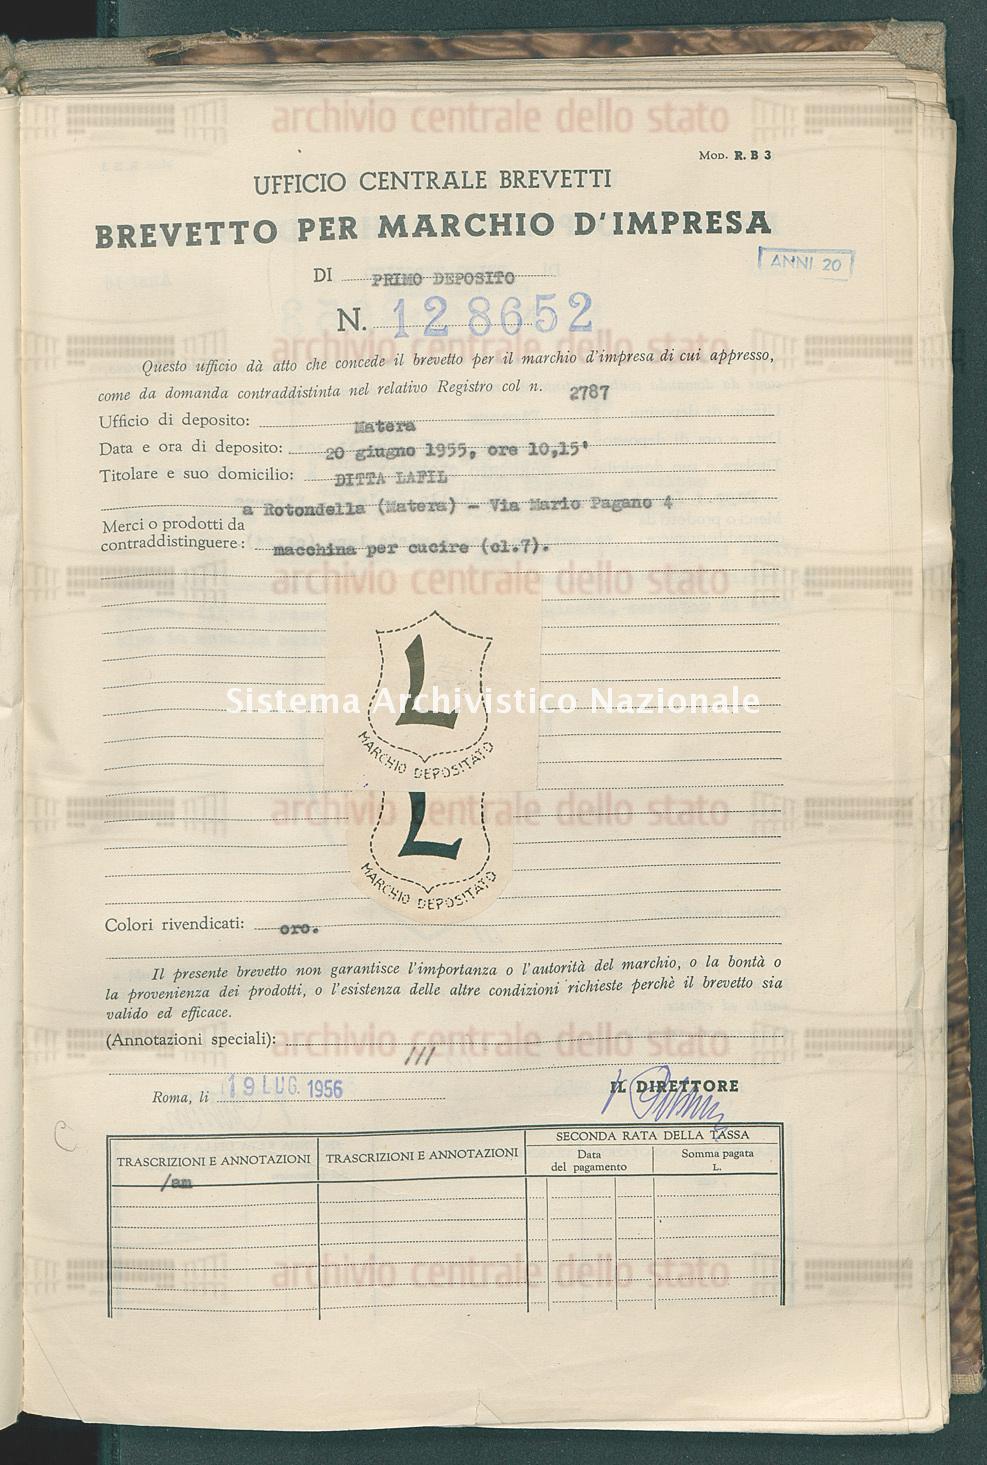 Macchina per cucire Ditta Lafil (19/07/1956)